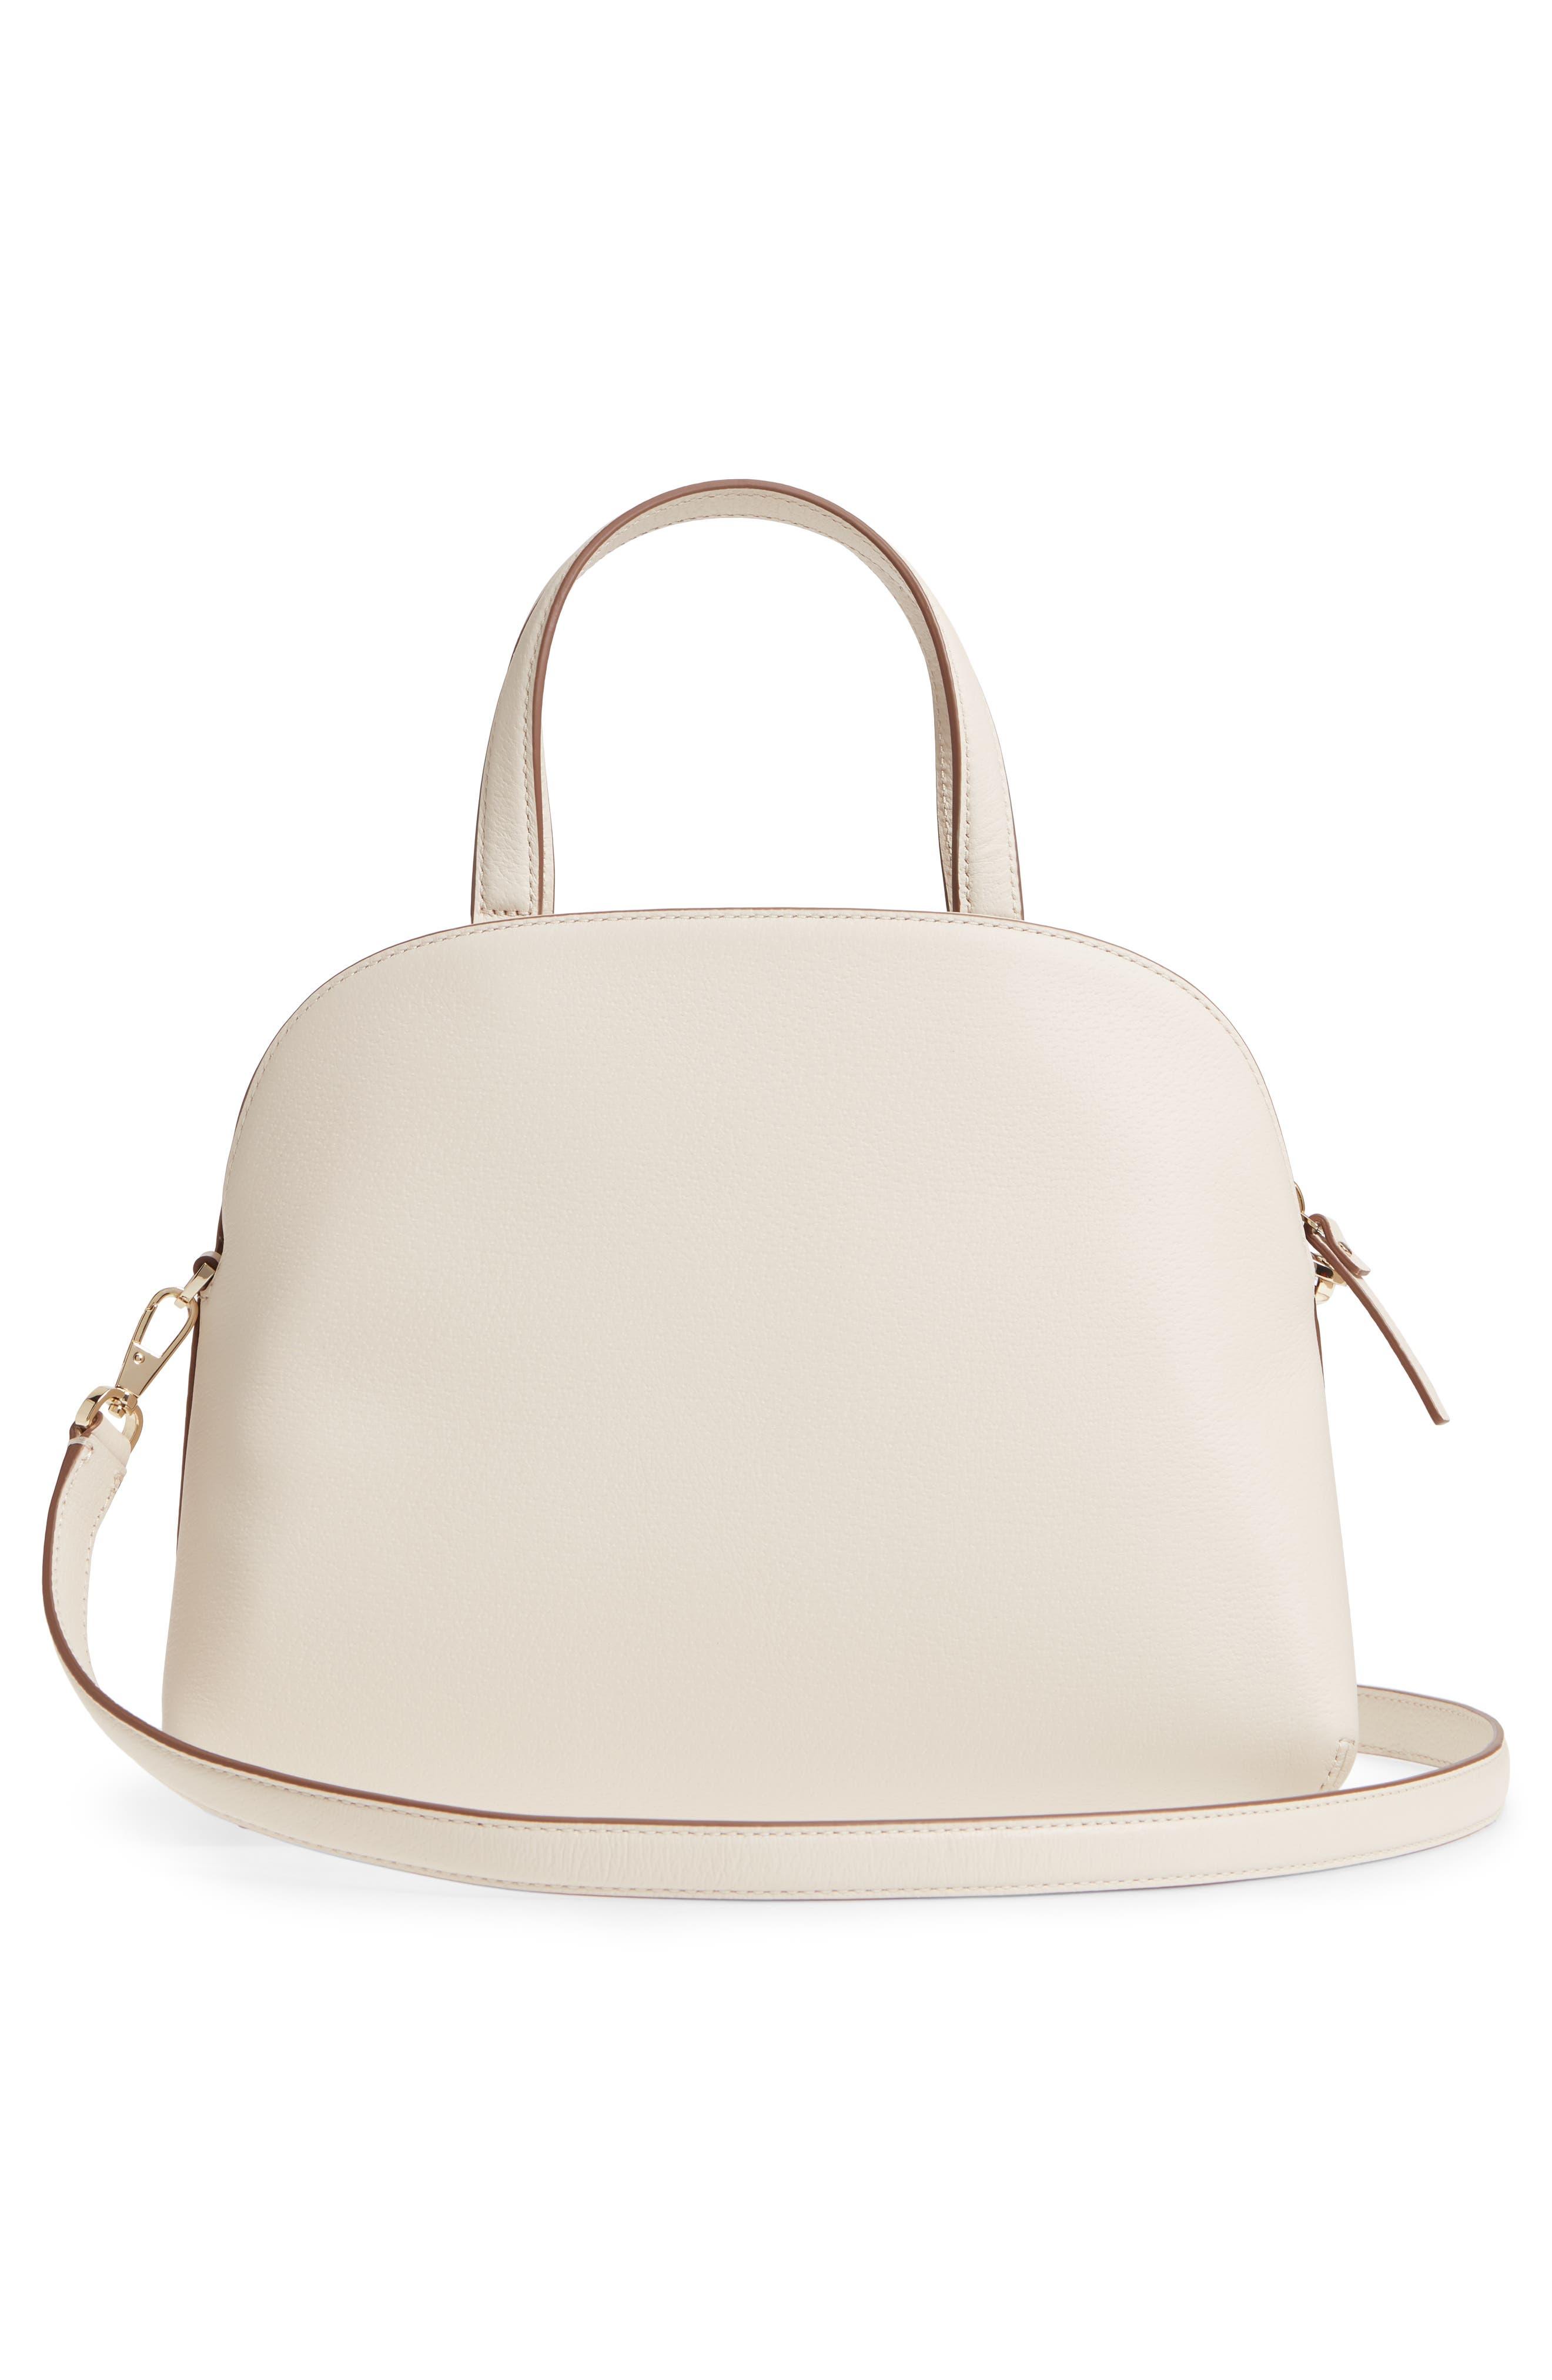 picnic perfect – lottie leather satchel,                             Alternate thumbnail 3, color,                             700